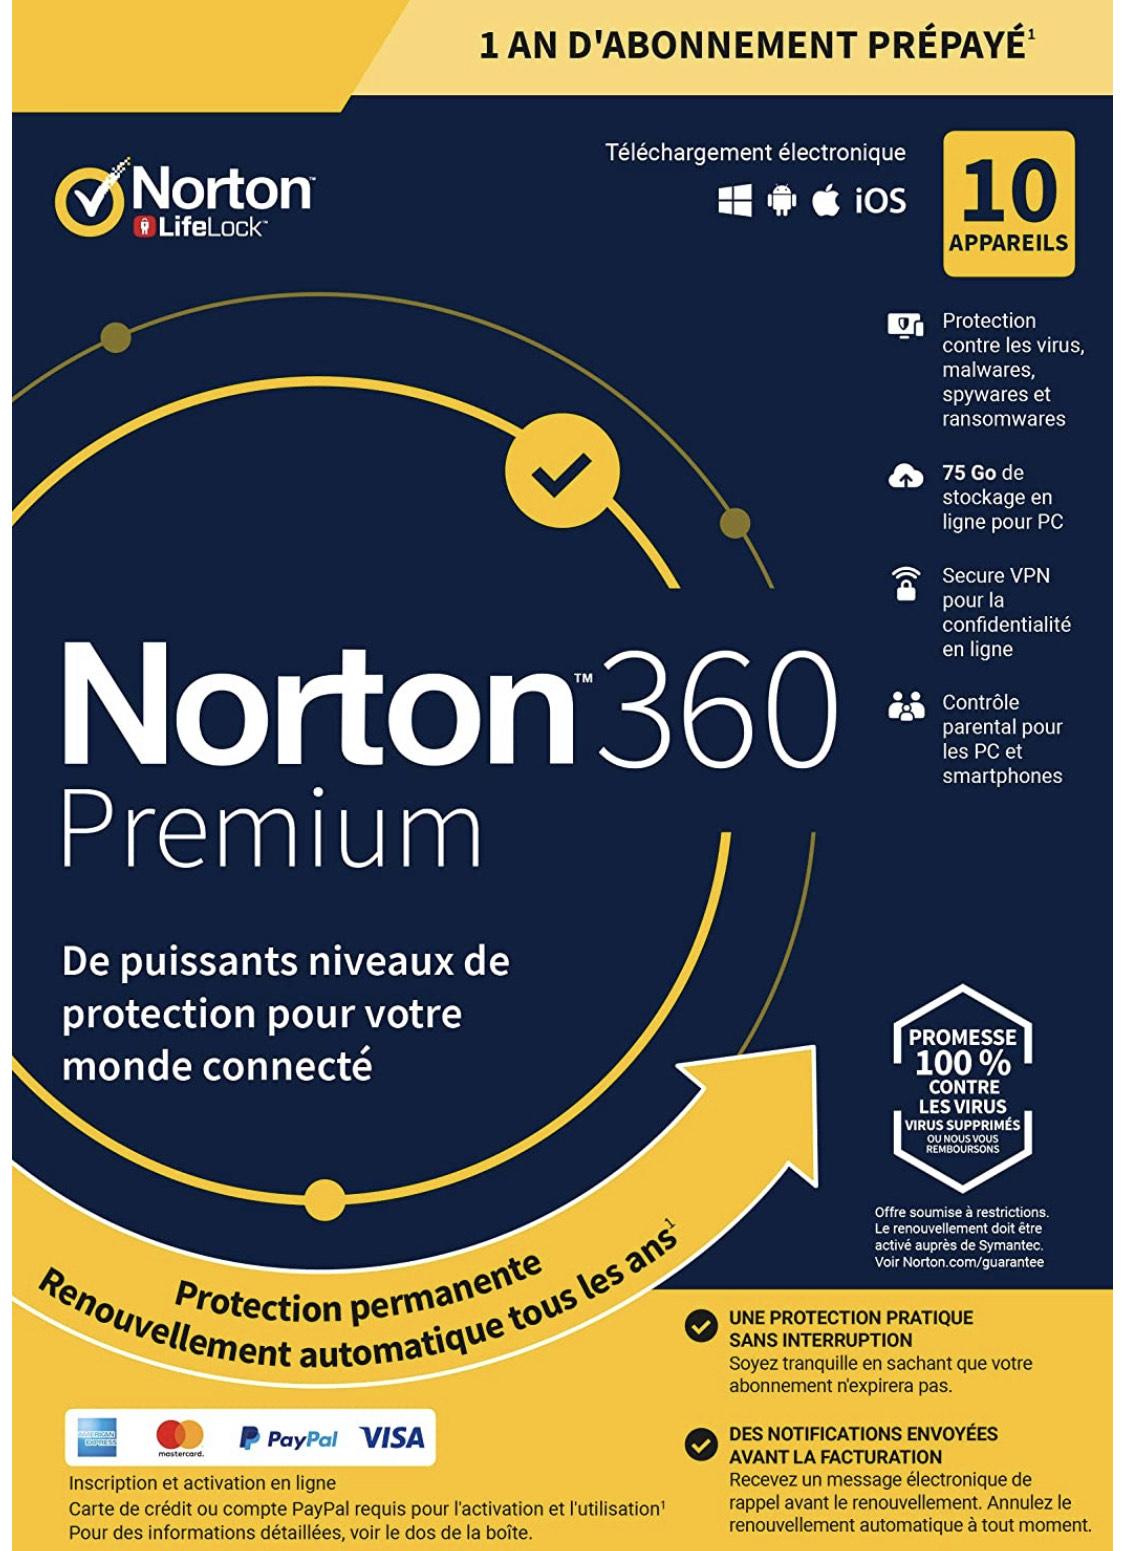 Licence Antivirus Norton 360 Premium 1 an pour 10 appareils (Dématérialisé)